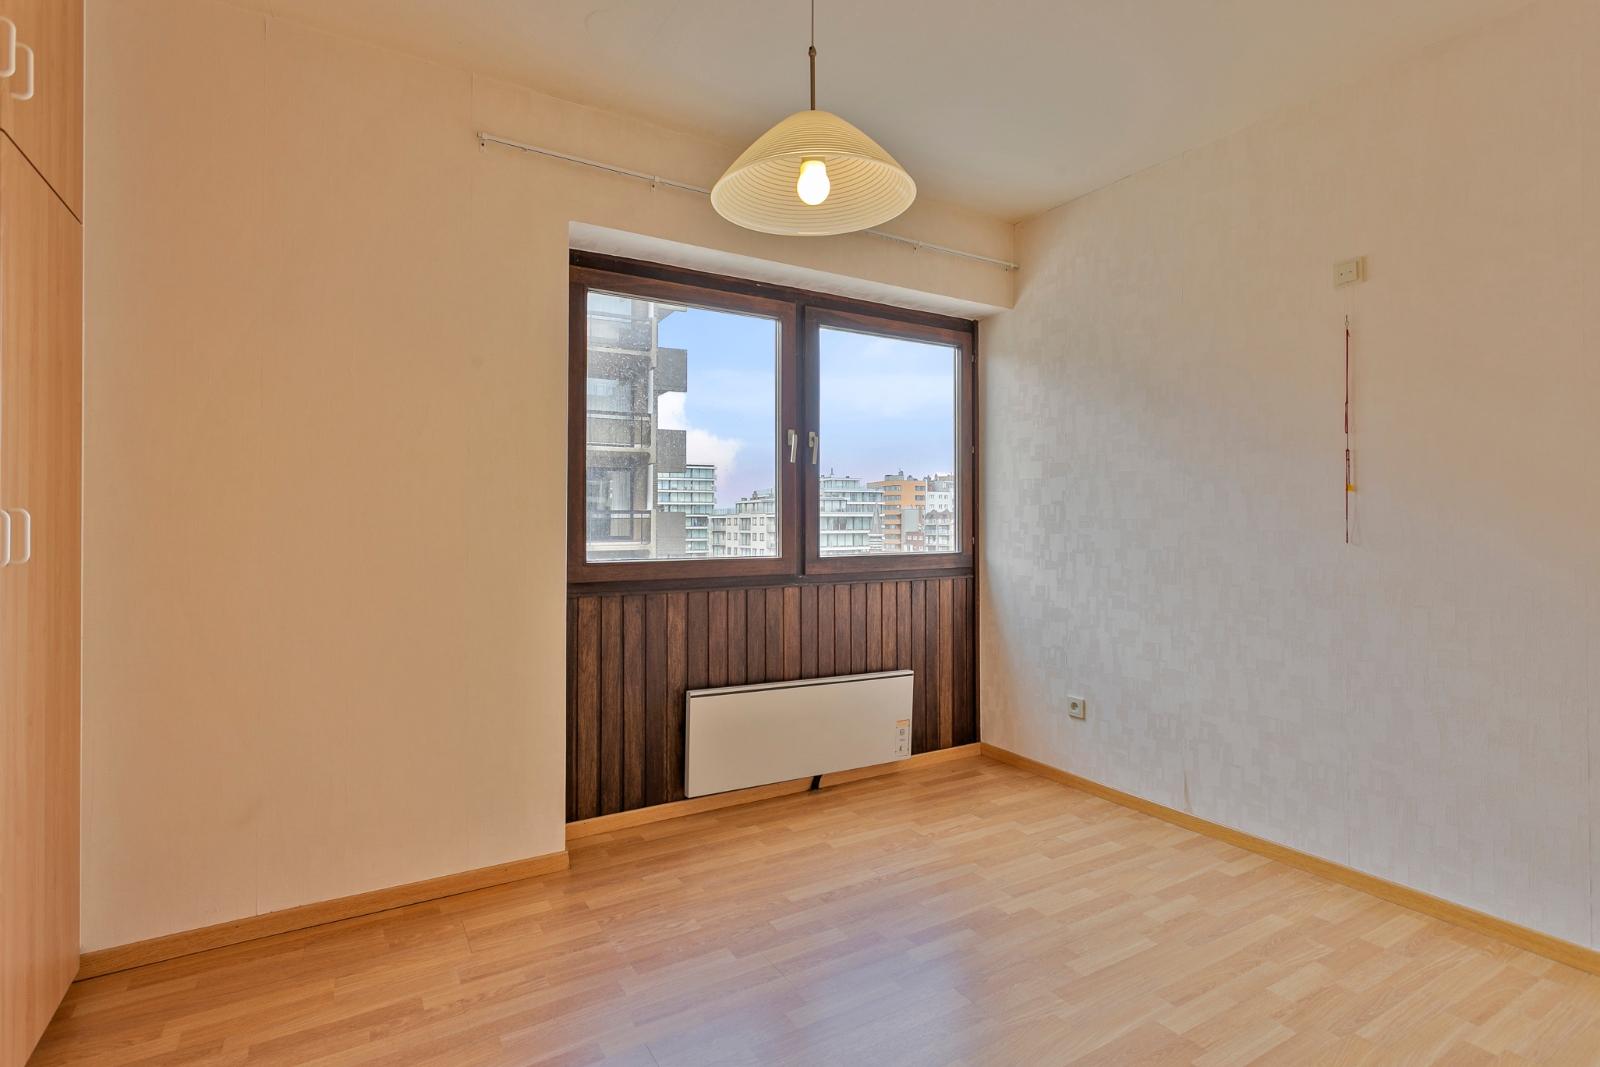 Ruim appartement met zicht op de Leopold I Esplanade. - 7